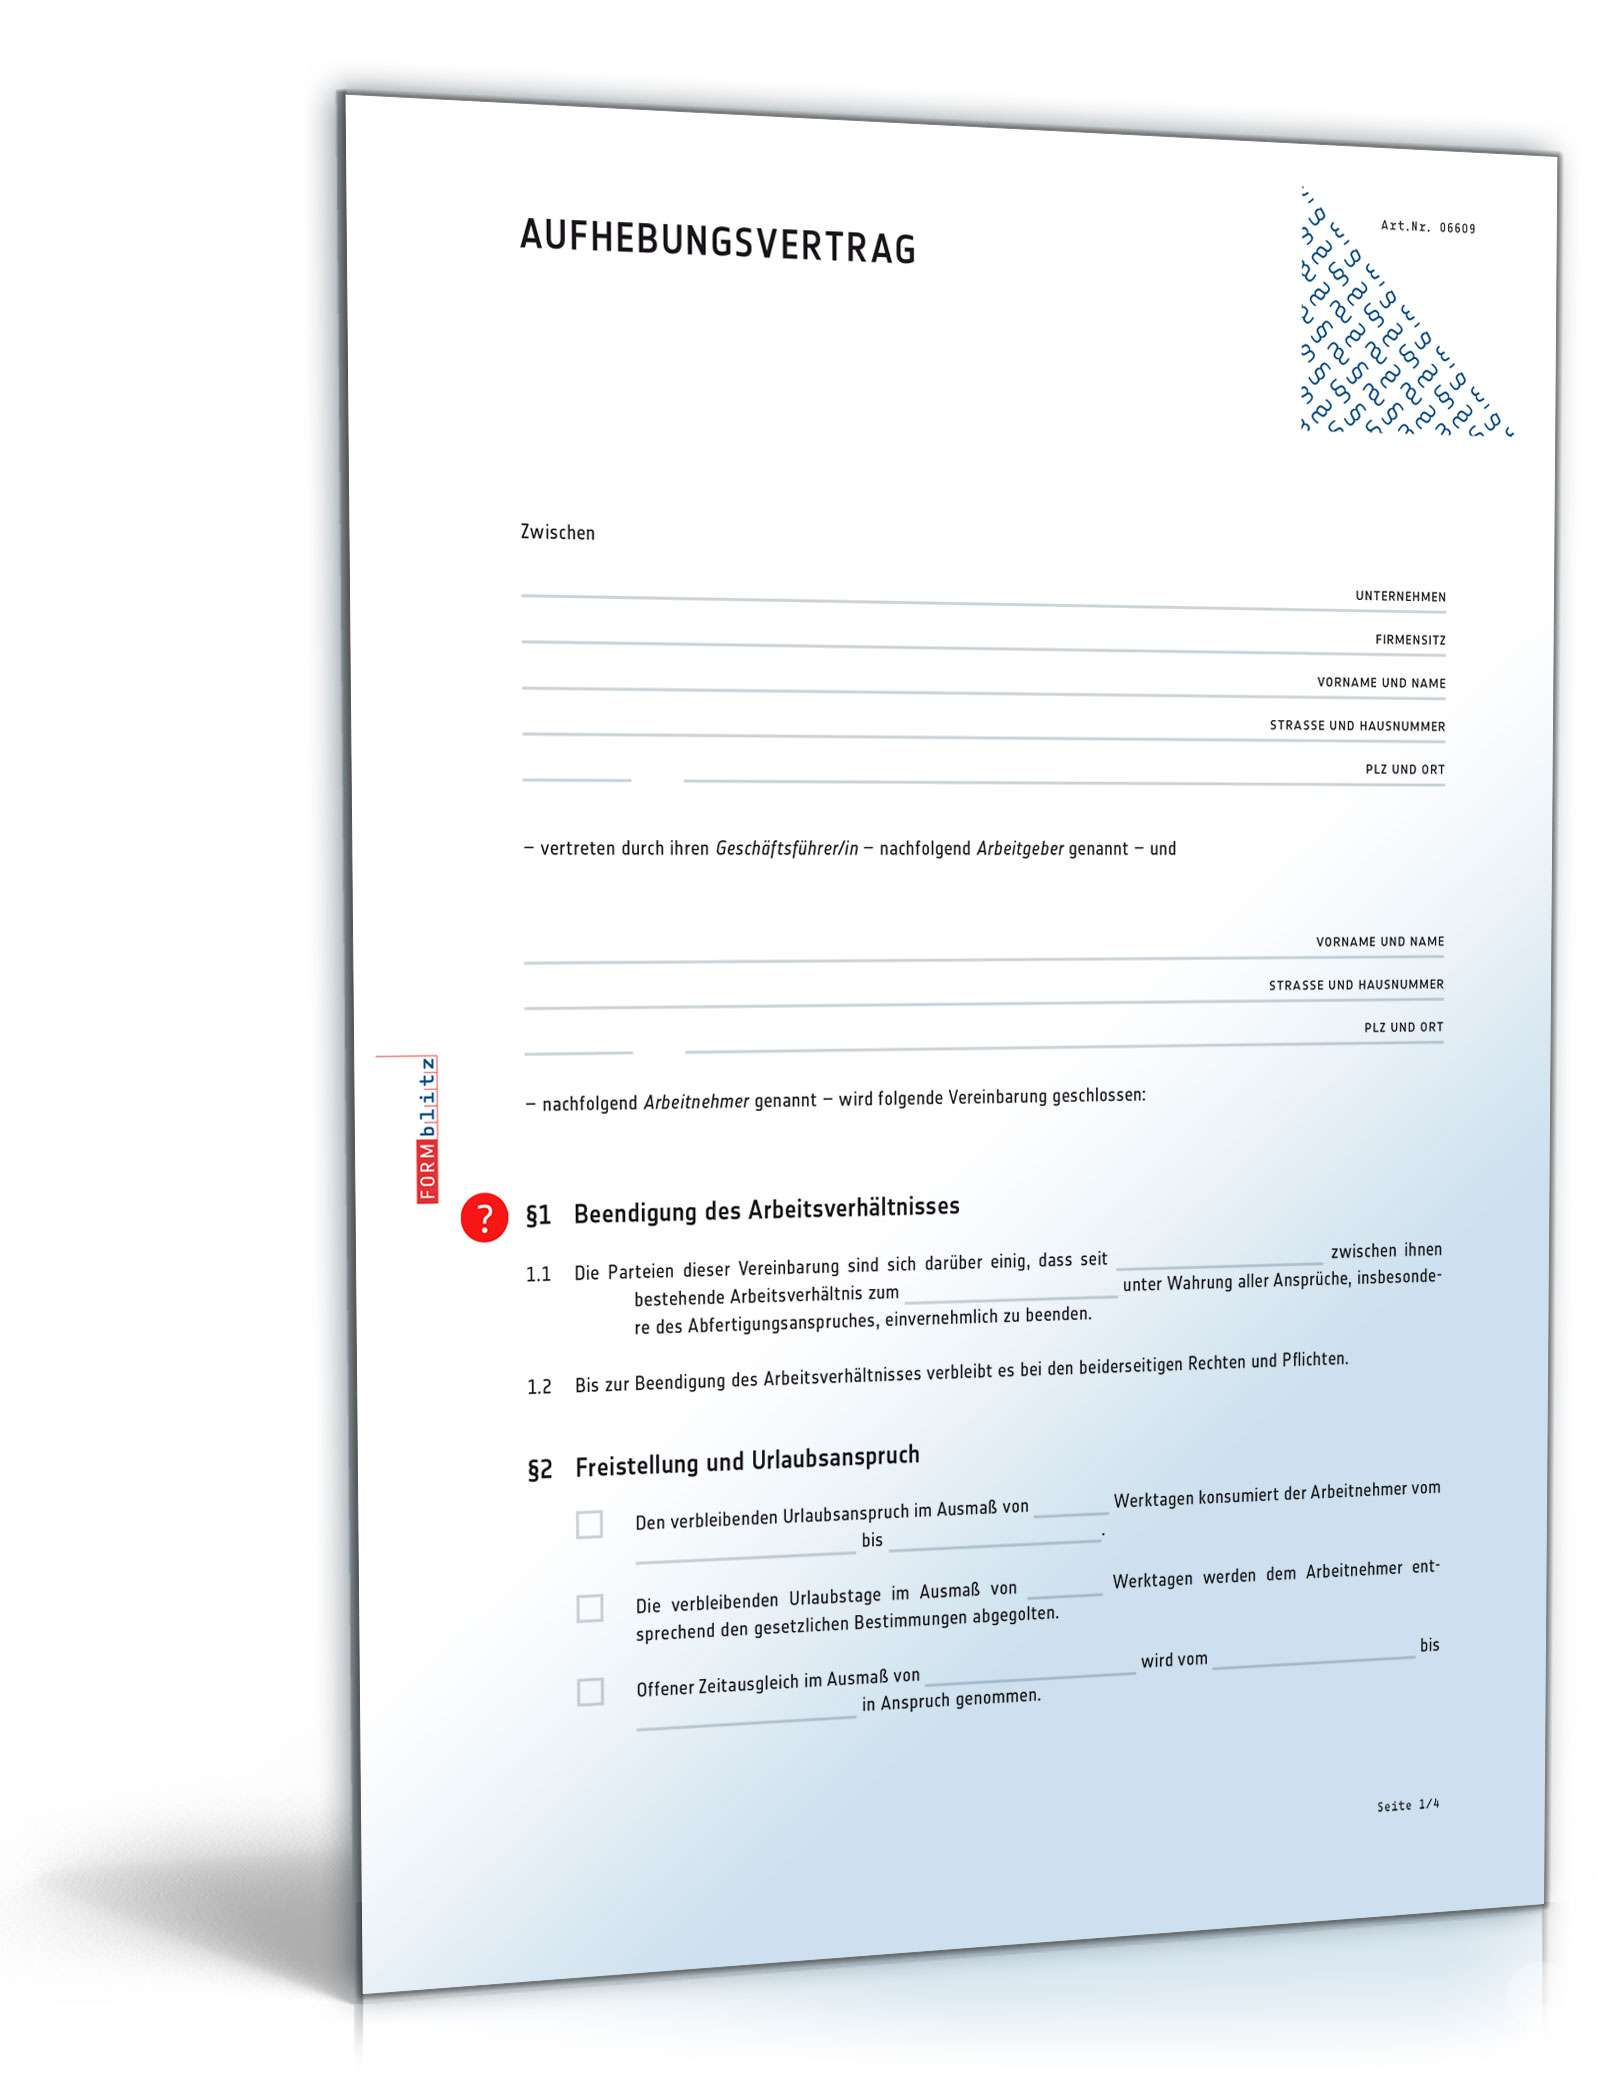 Aufhebungsvertrag Muster Infos Arbeitsrecht 2021 10